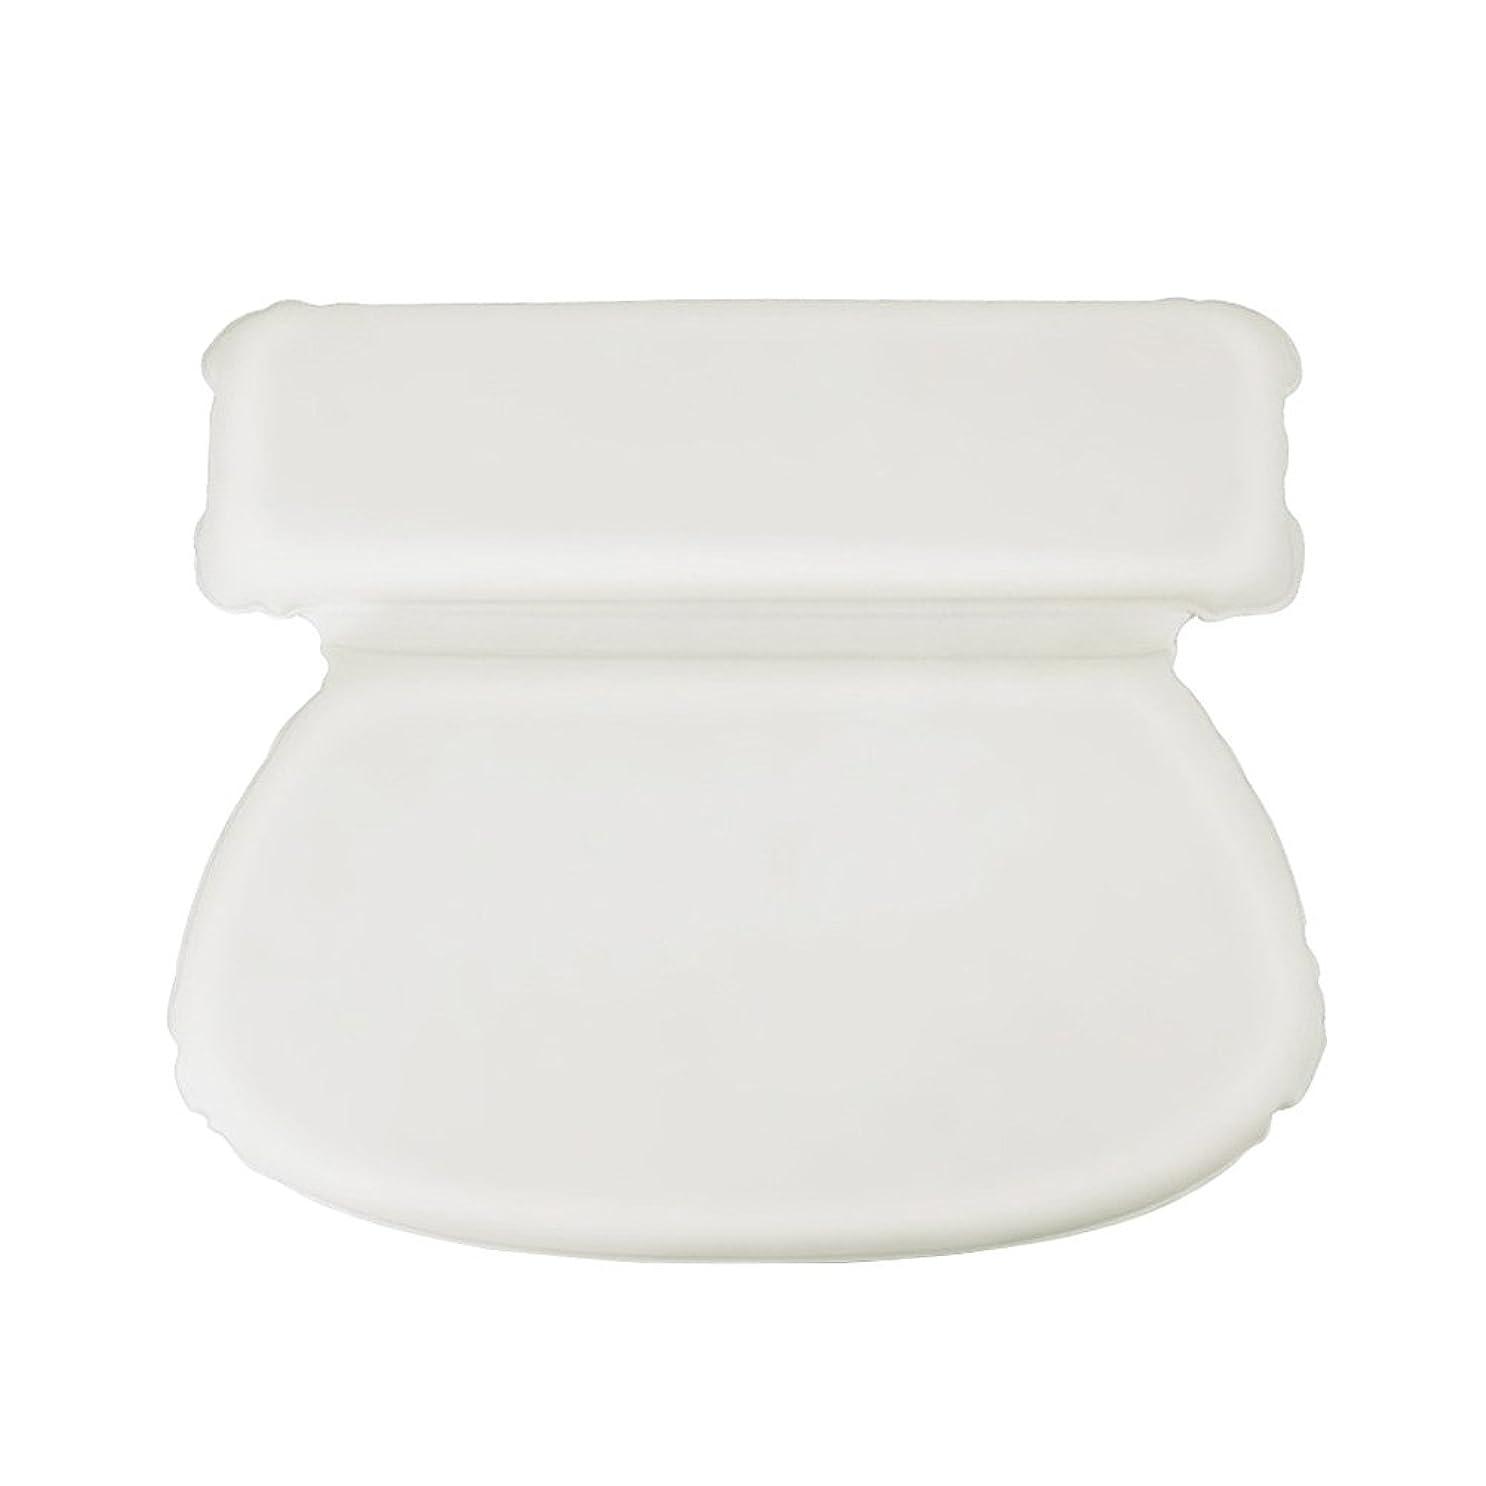 独立麻痺させるゲストLurrose スポンジ浴槽枕吸引バス枕スパヘッドレストアクセサリー用浴室トイレ